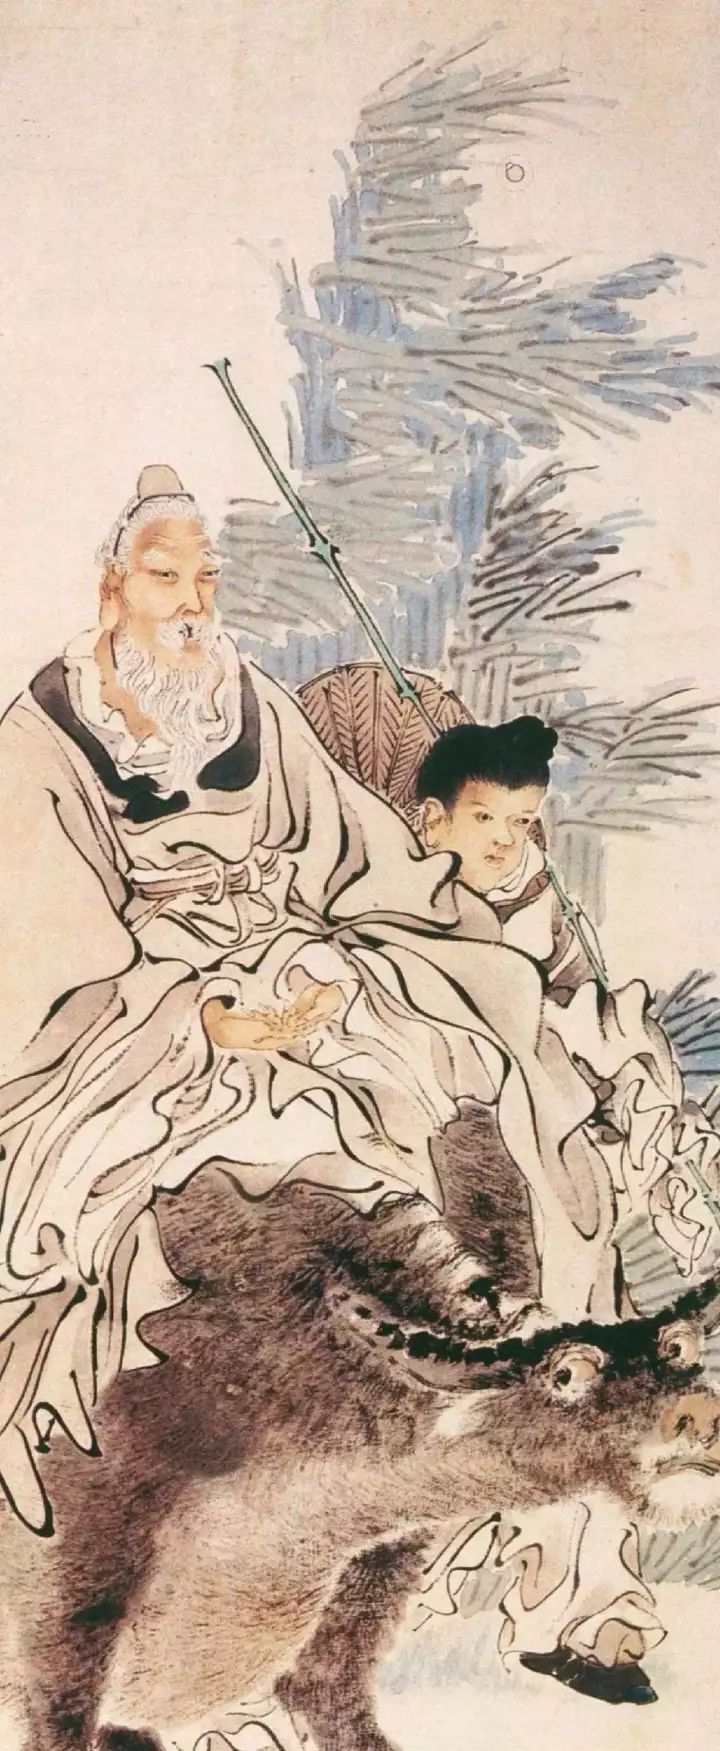 名家 | 他作画原只为谋生,却创造了中国画坛的奇迹!!!